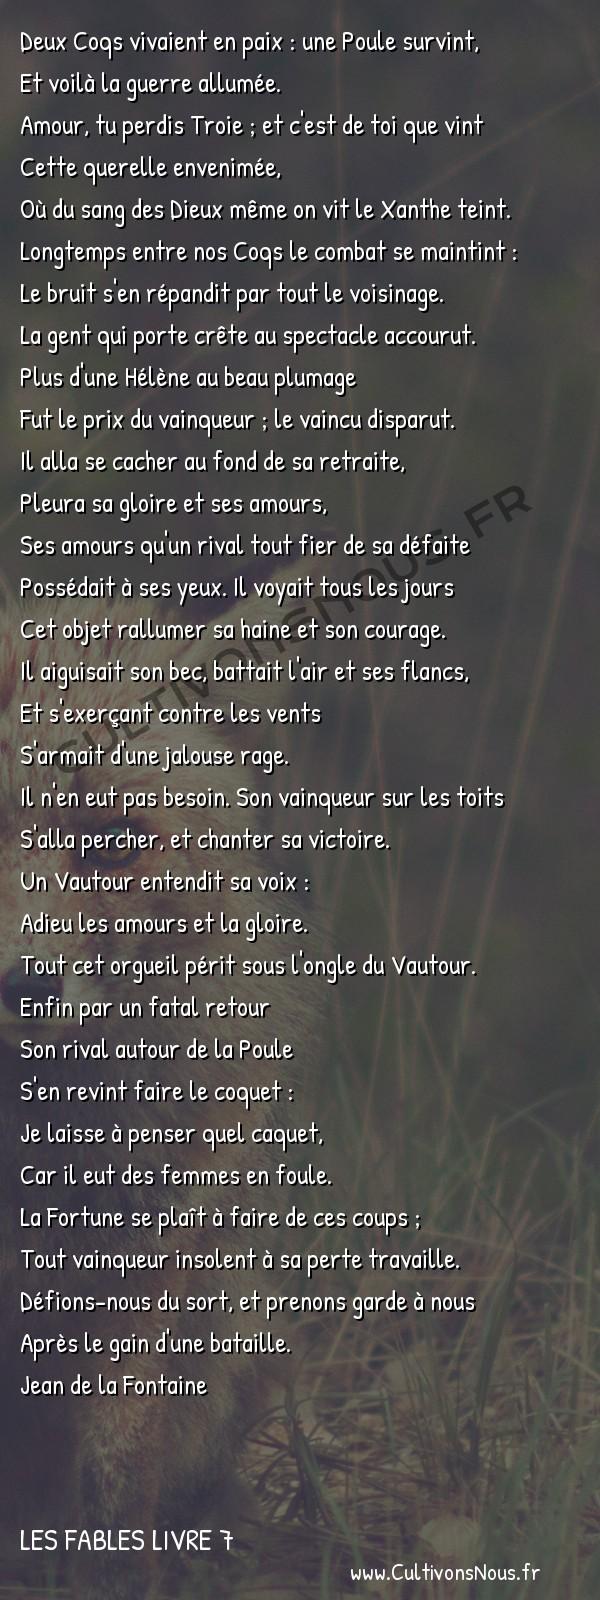 Fables Jean de la Fontaine - Les fables Livre 7 - Les deux Coqs -   Deux Coqs vivaient en paix : une Poule survint, Et voilà la guerre allumée.